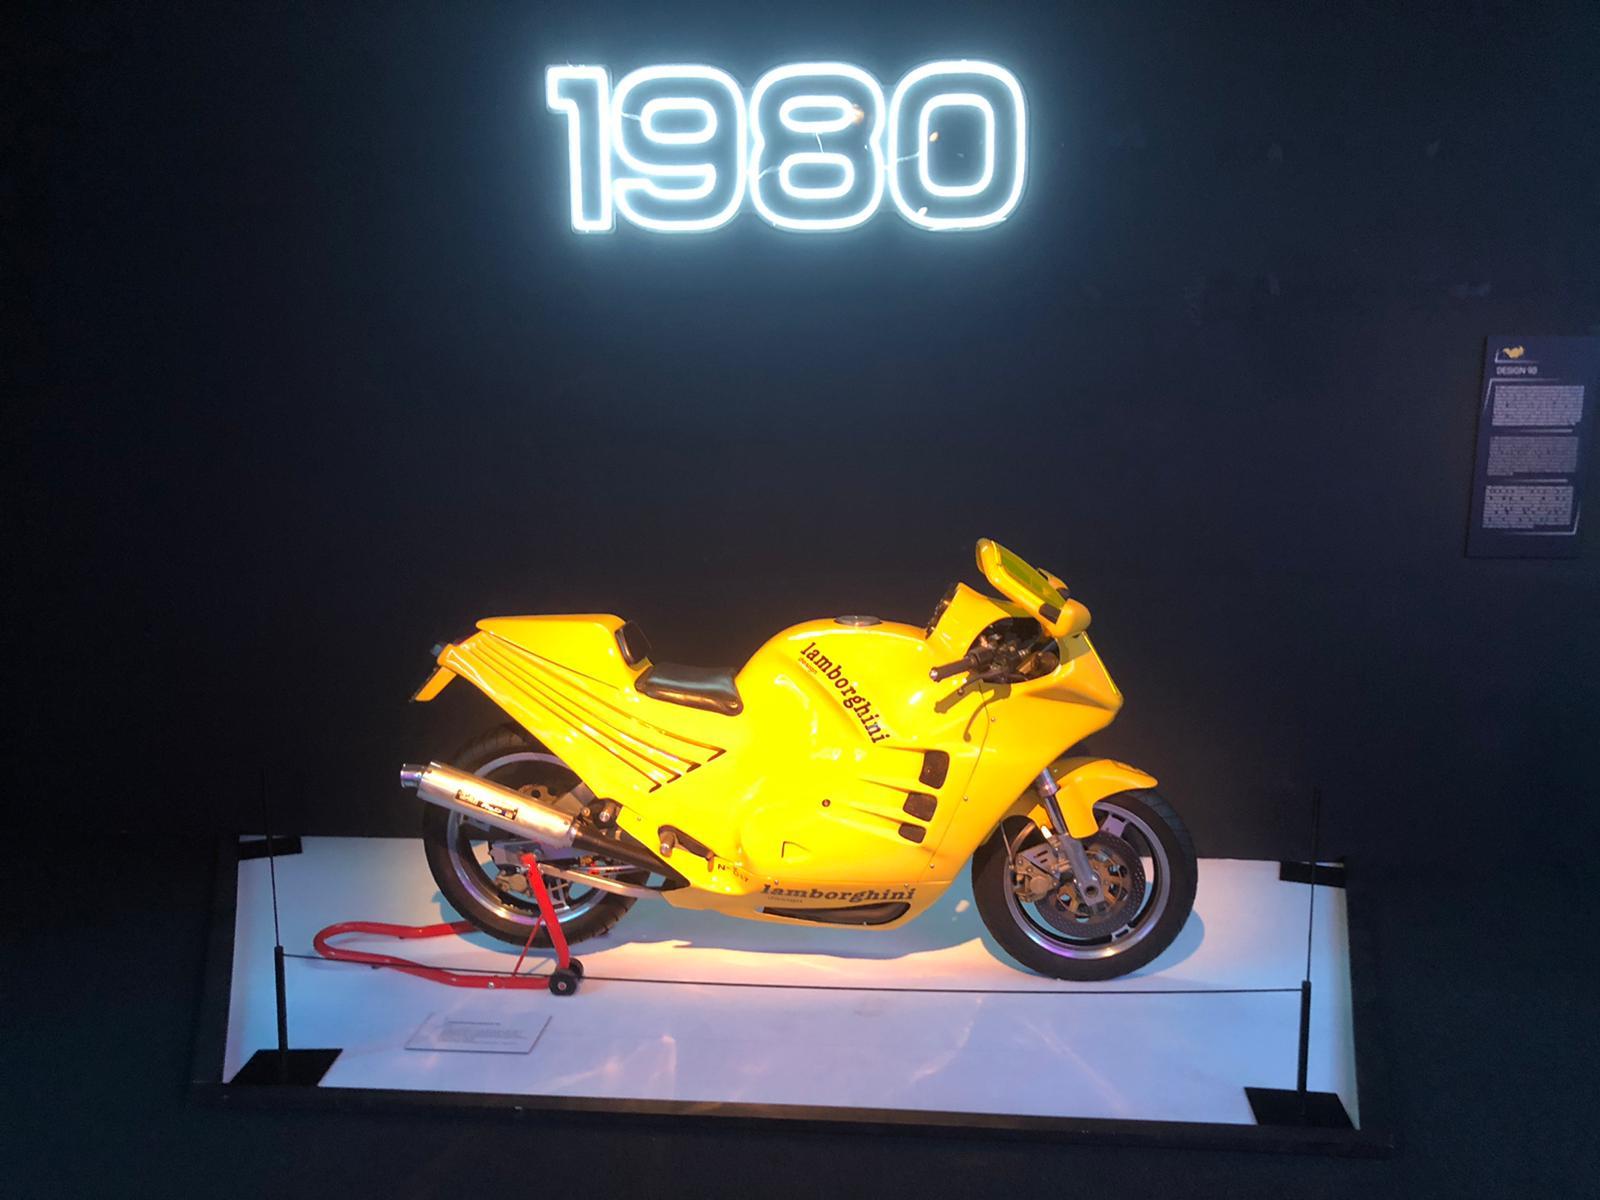 IMG-20200920-WA0001